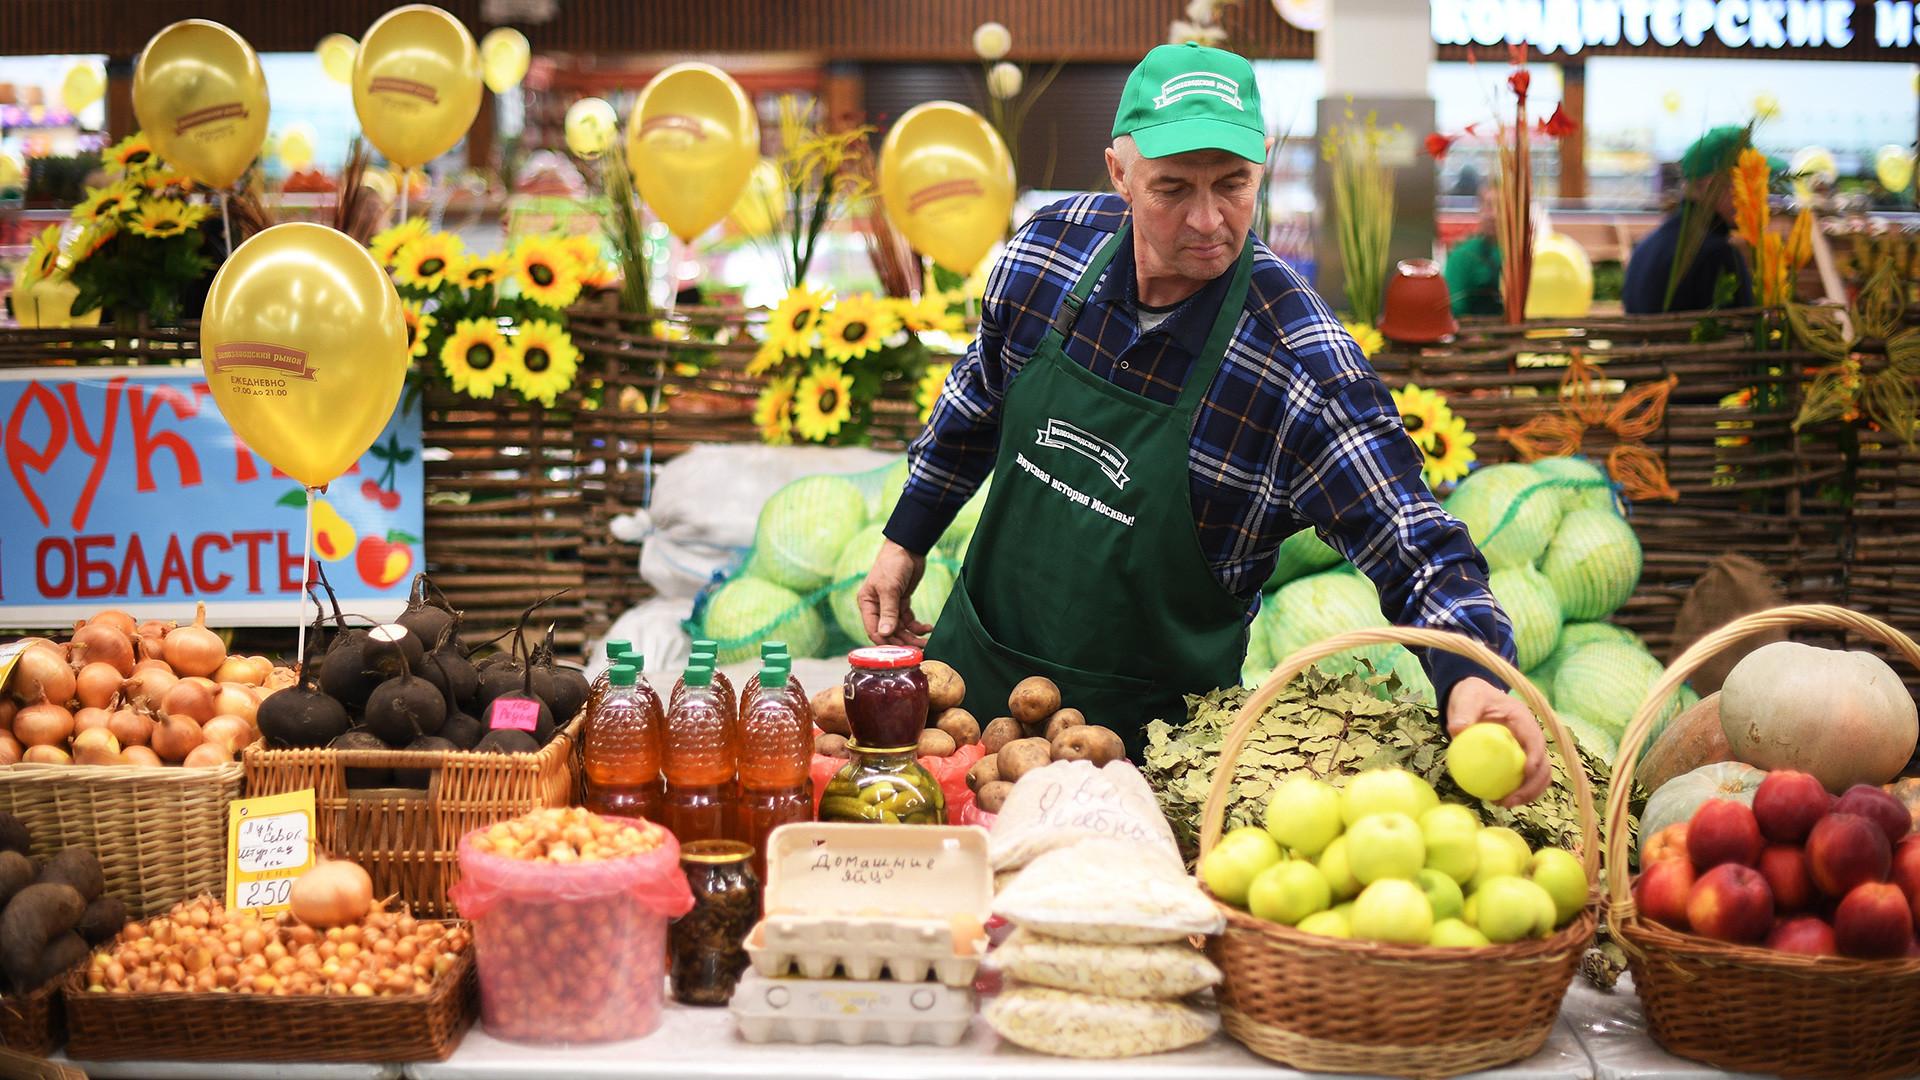 Ponuda na štandovima na Velezavodskoj tržnici u Moskvi, koja je nedavno otvorena nakon renovacije.